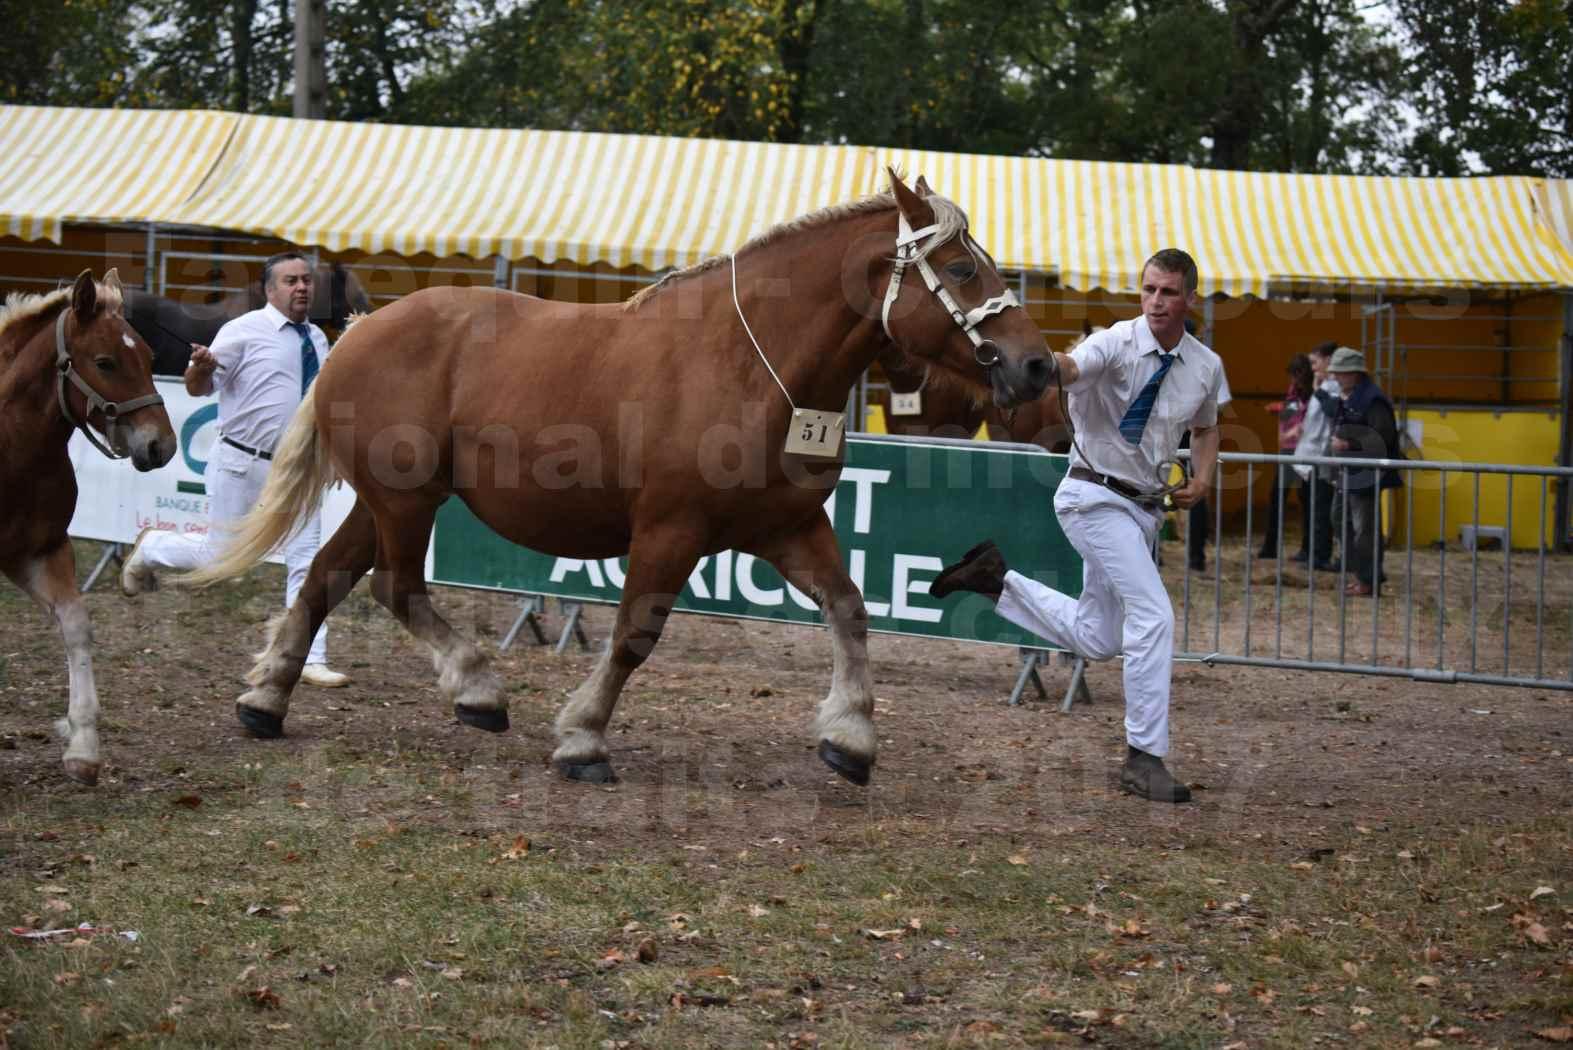 Concours Régional de chevaux de traits en 2017 - Jument & Poulain Trait COMTOIS - CANNELLE 9 - 17